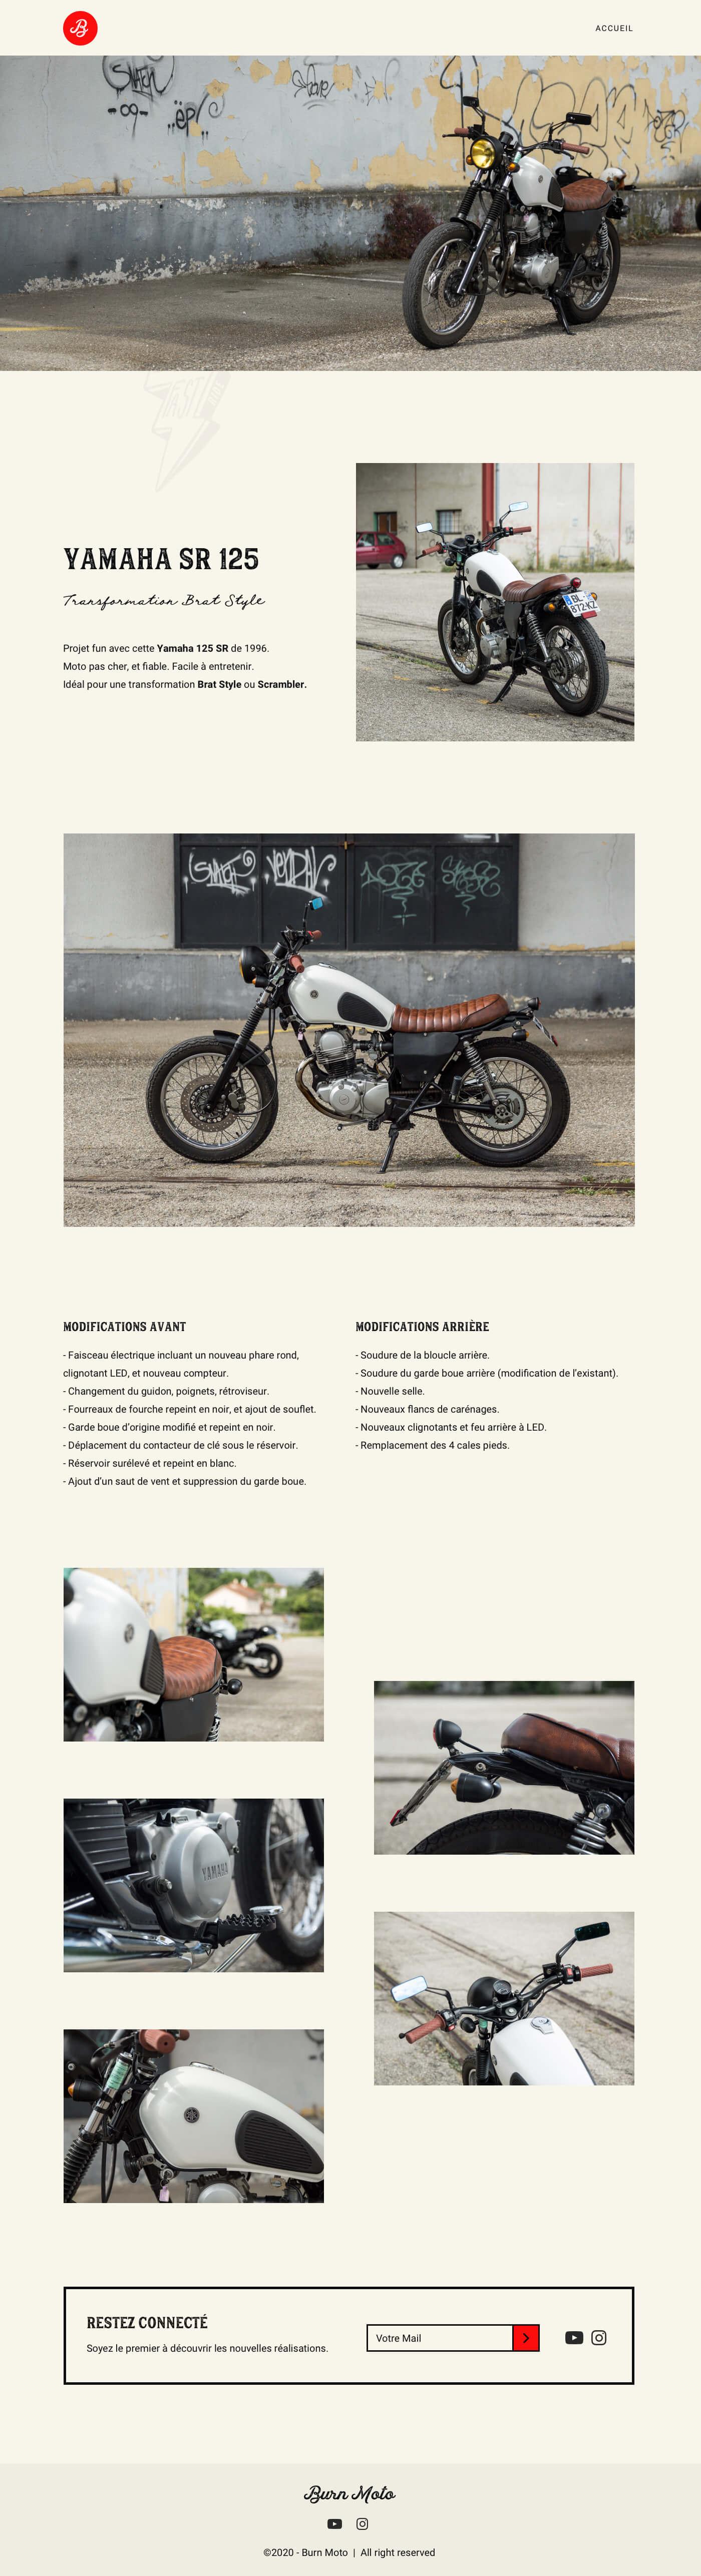 maquette de la page réalisation du projet burn moto